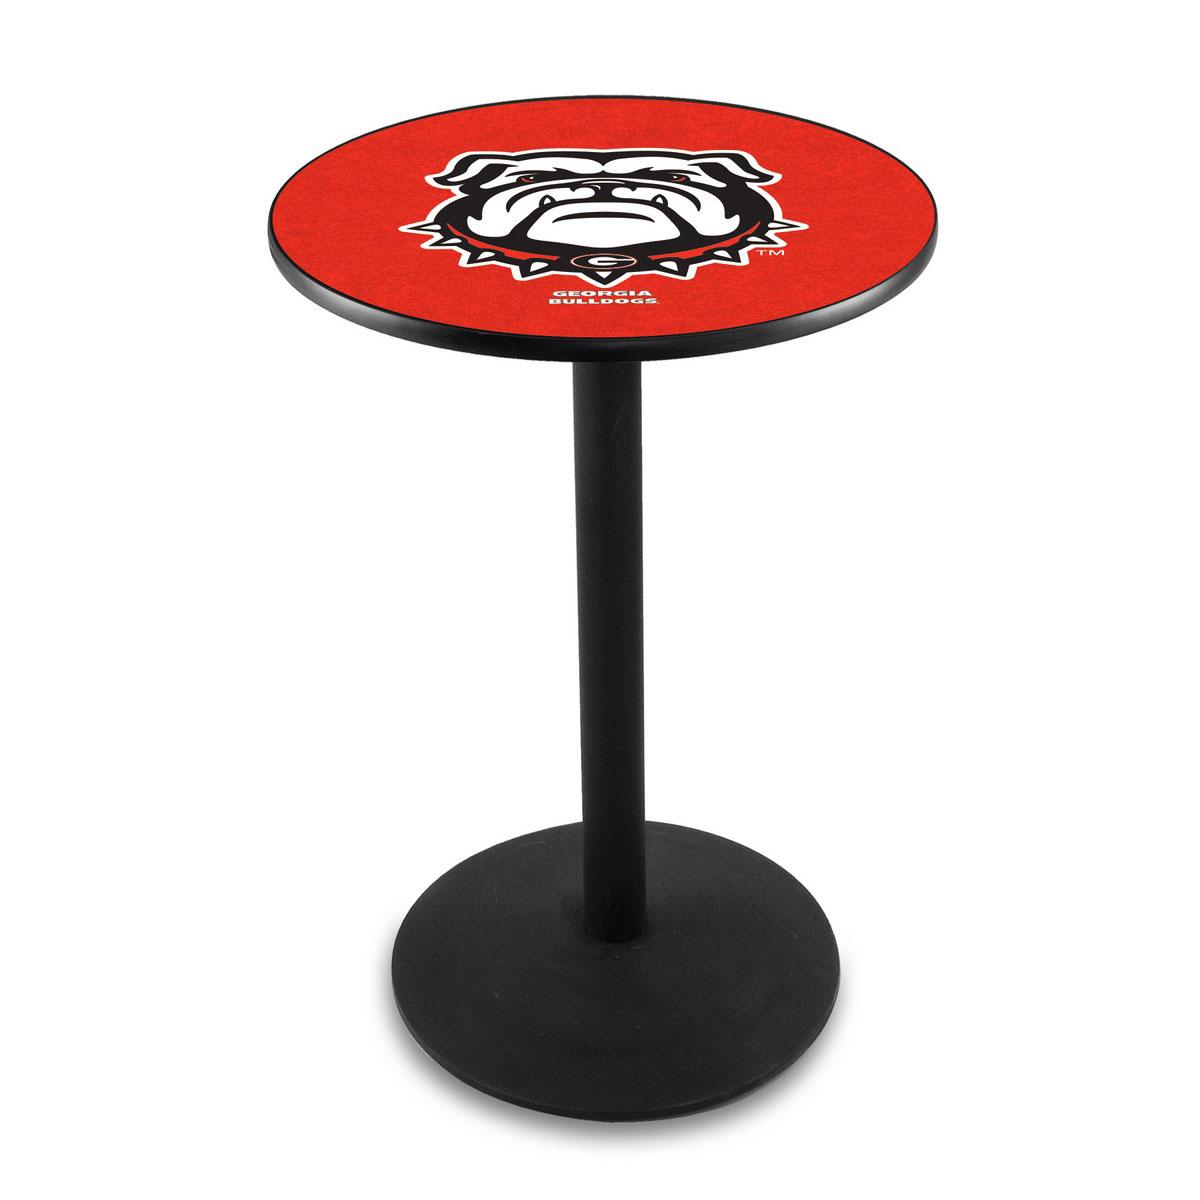 Amazing University Georgia Bulldog Logo Pub Bar Table Round Stand Product Photo